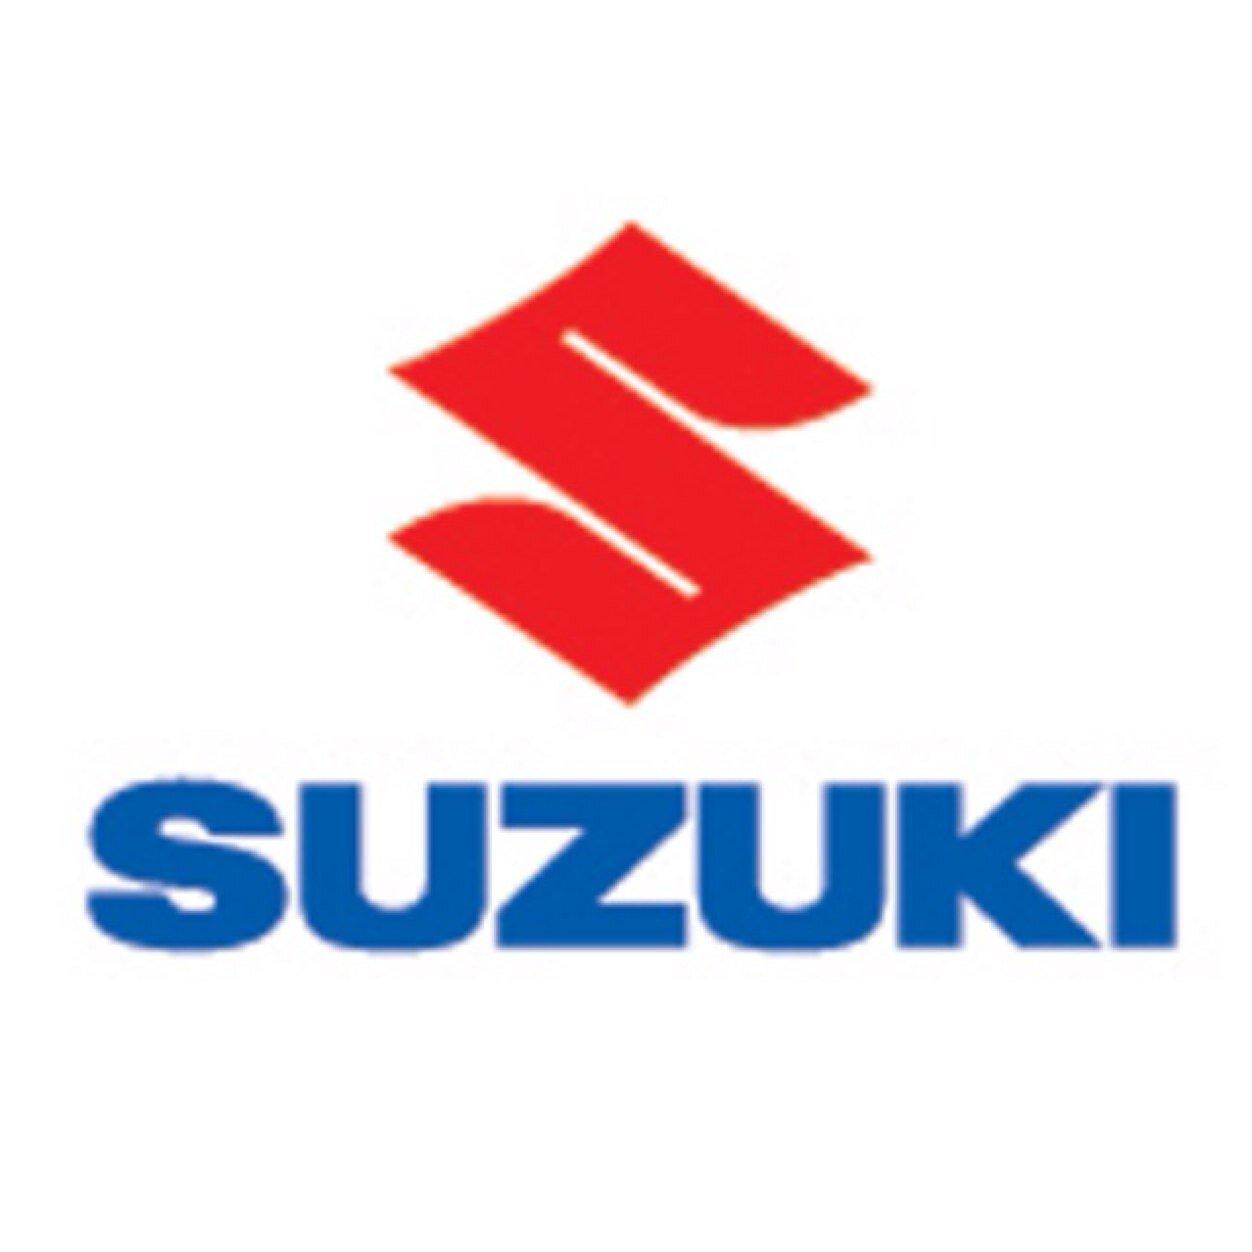 @SuzukiAus